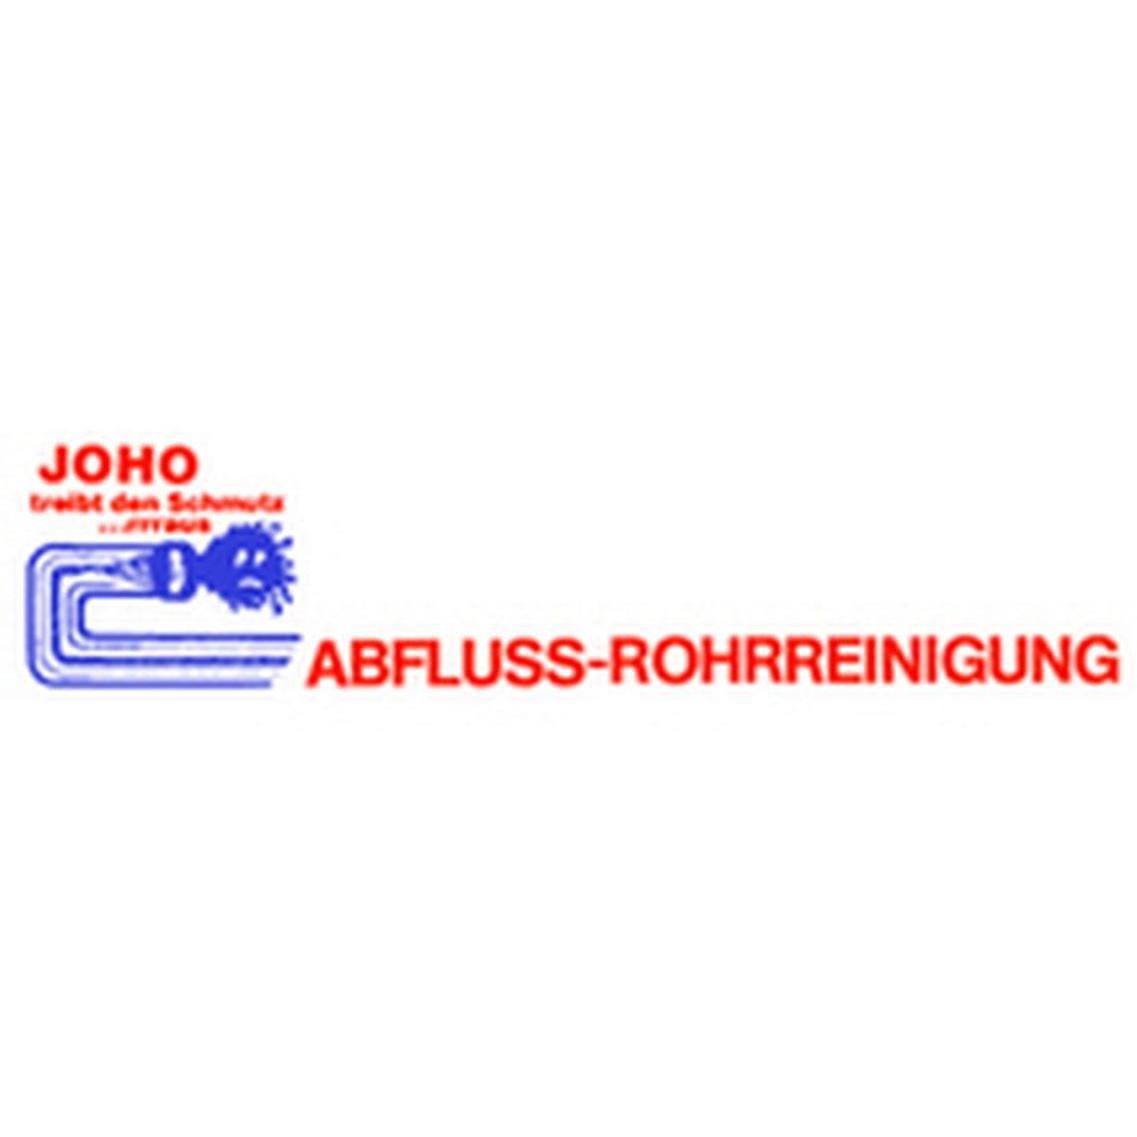 Bild zu Björn Joho Rohrreinigung in Edingen Neckarhausen